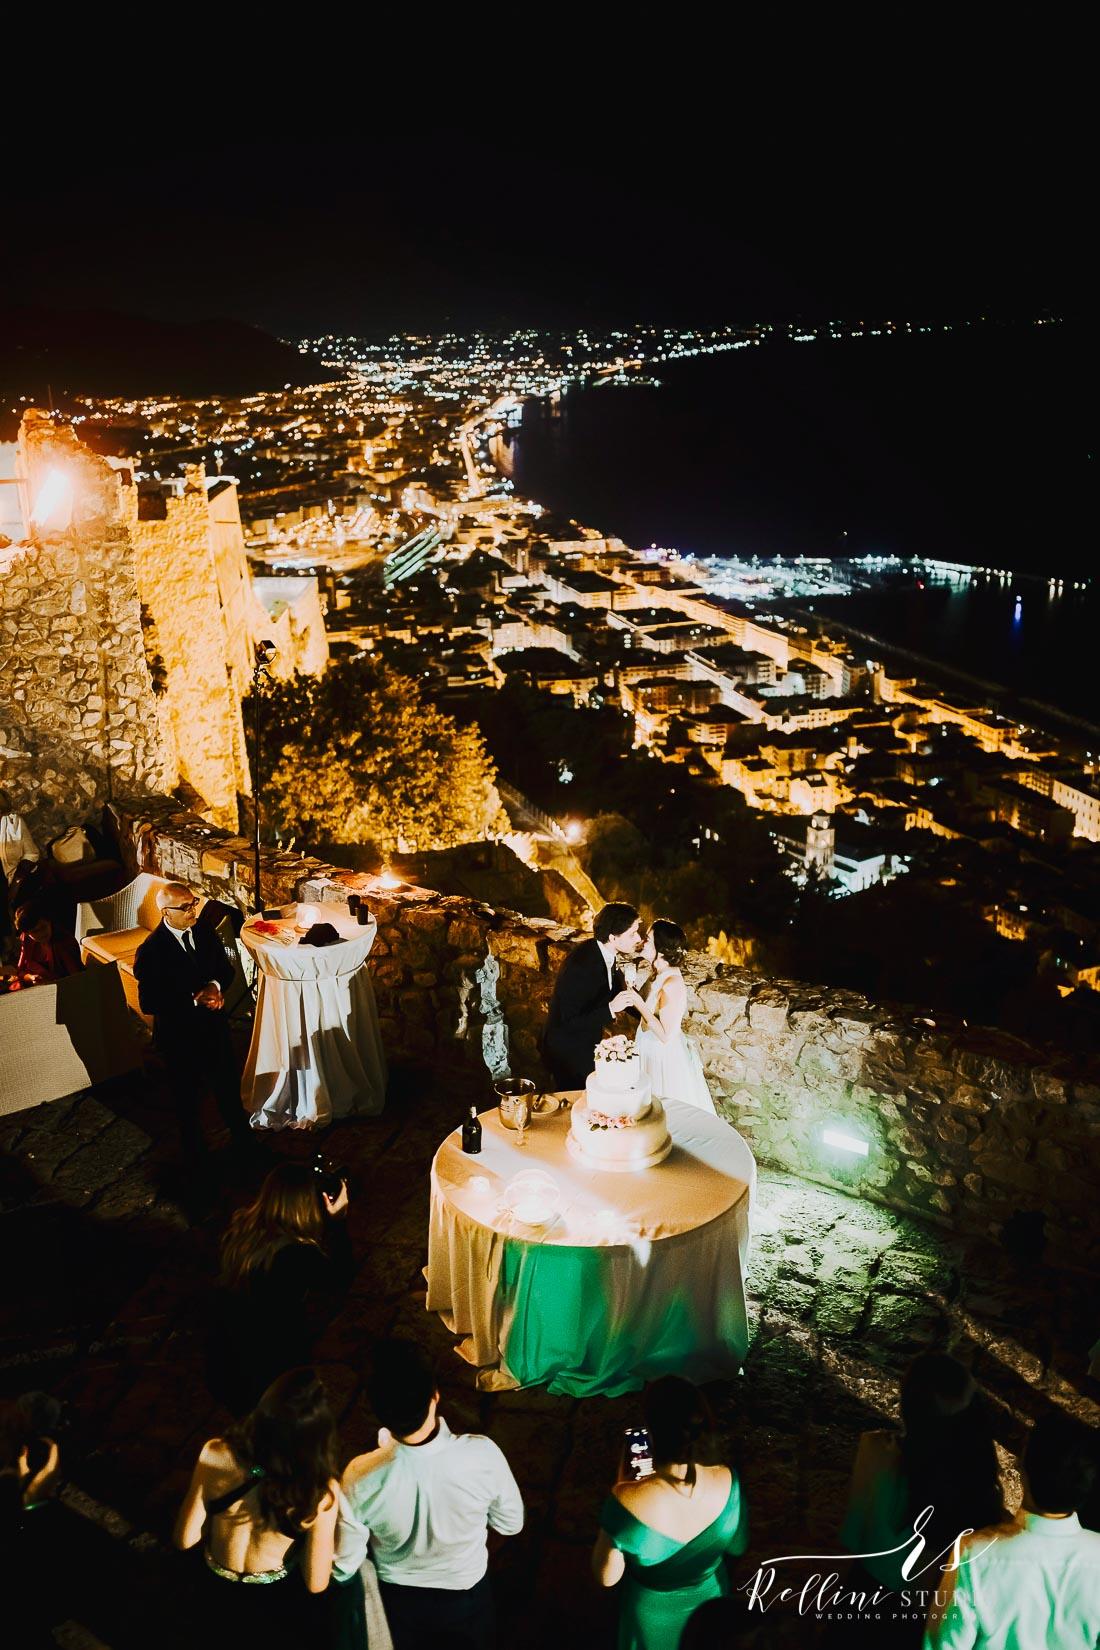 matrimonio Castello di Arechi Salerno 198.jpg